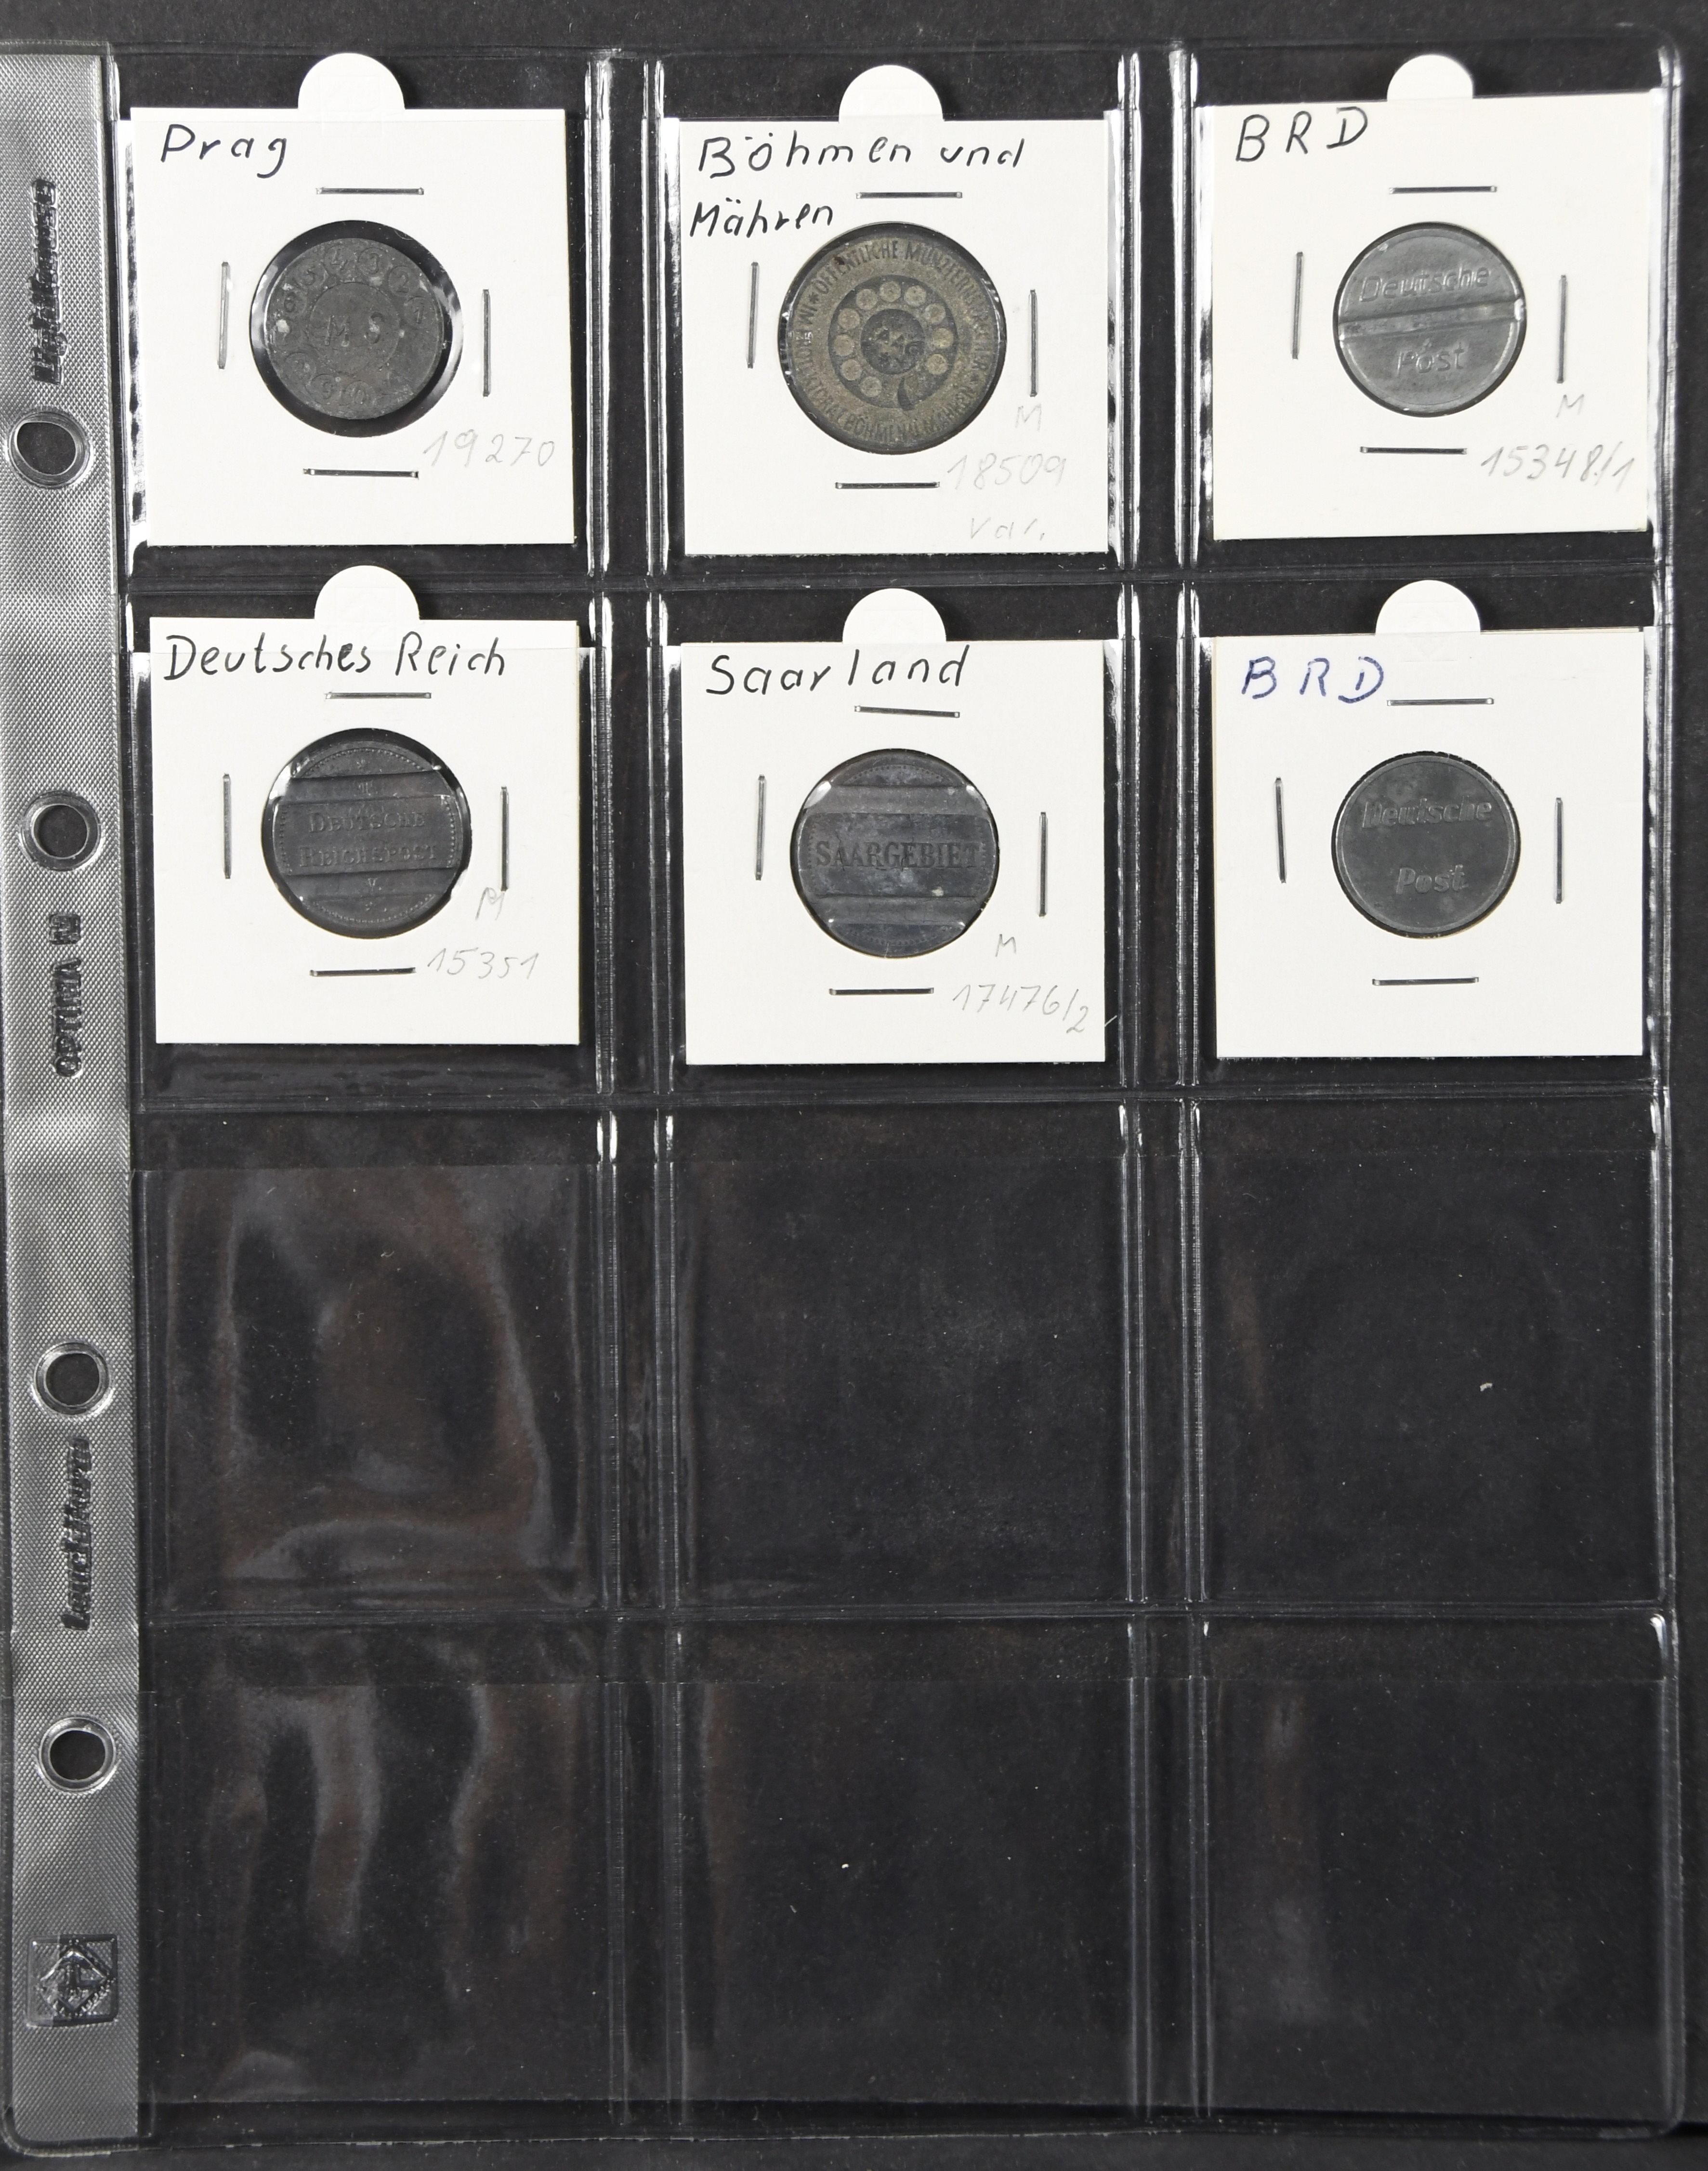 Lot 2658 - Sammlungen Medaillen Allgemein S -  Auktionshaus Ulrich Felzmann GmbH & Co. KG Auction 169